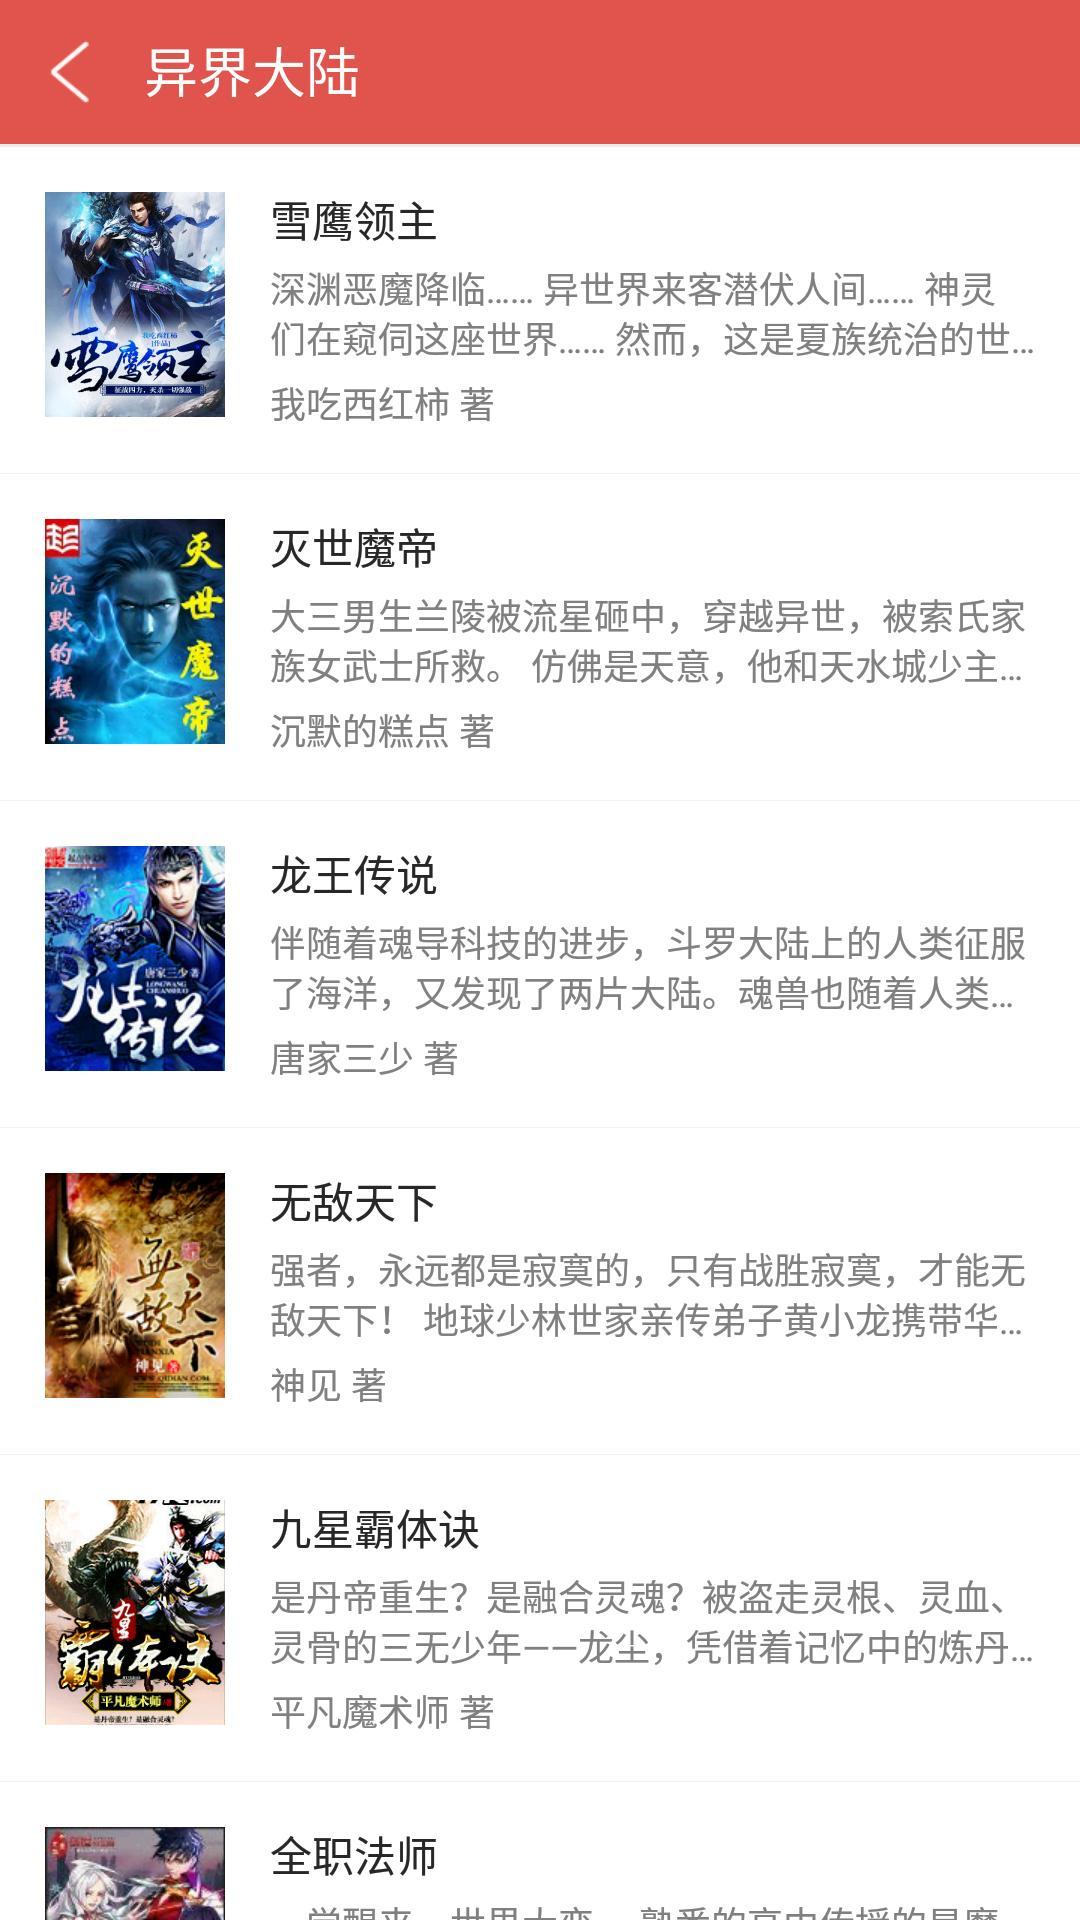 爱阅免费小说(3)